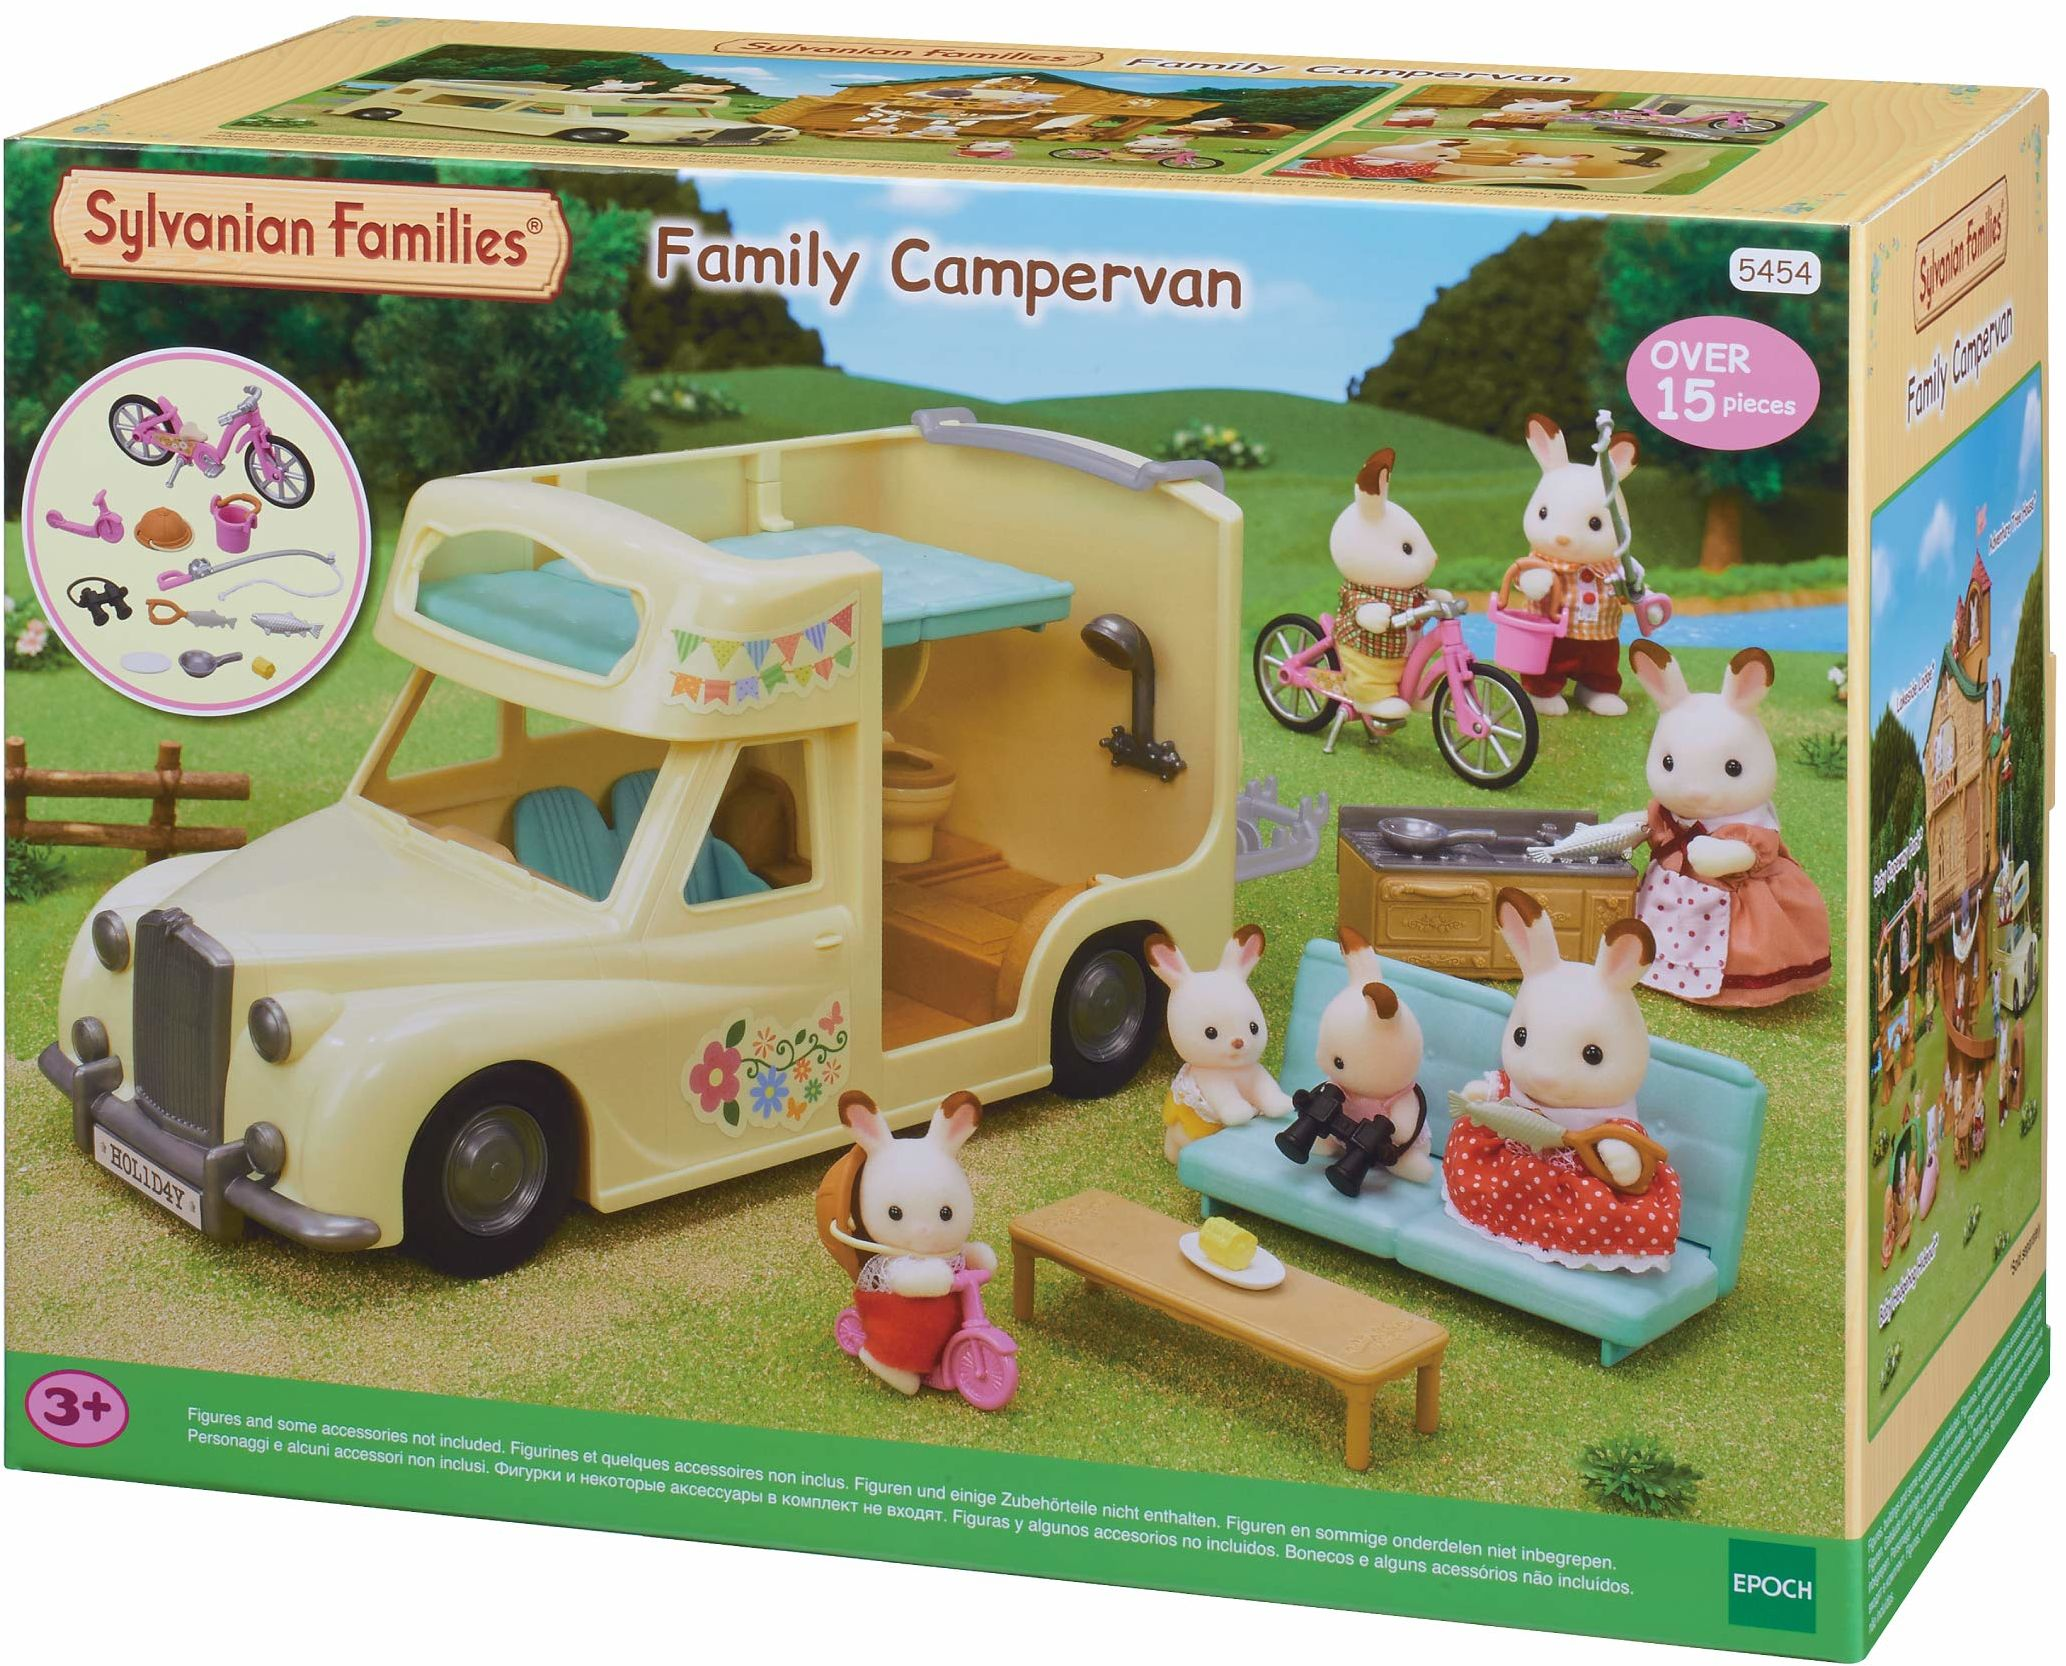 Sylvanian Families 5454 rodzinny Campervan Vehical zestaw do zabawy